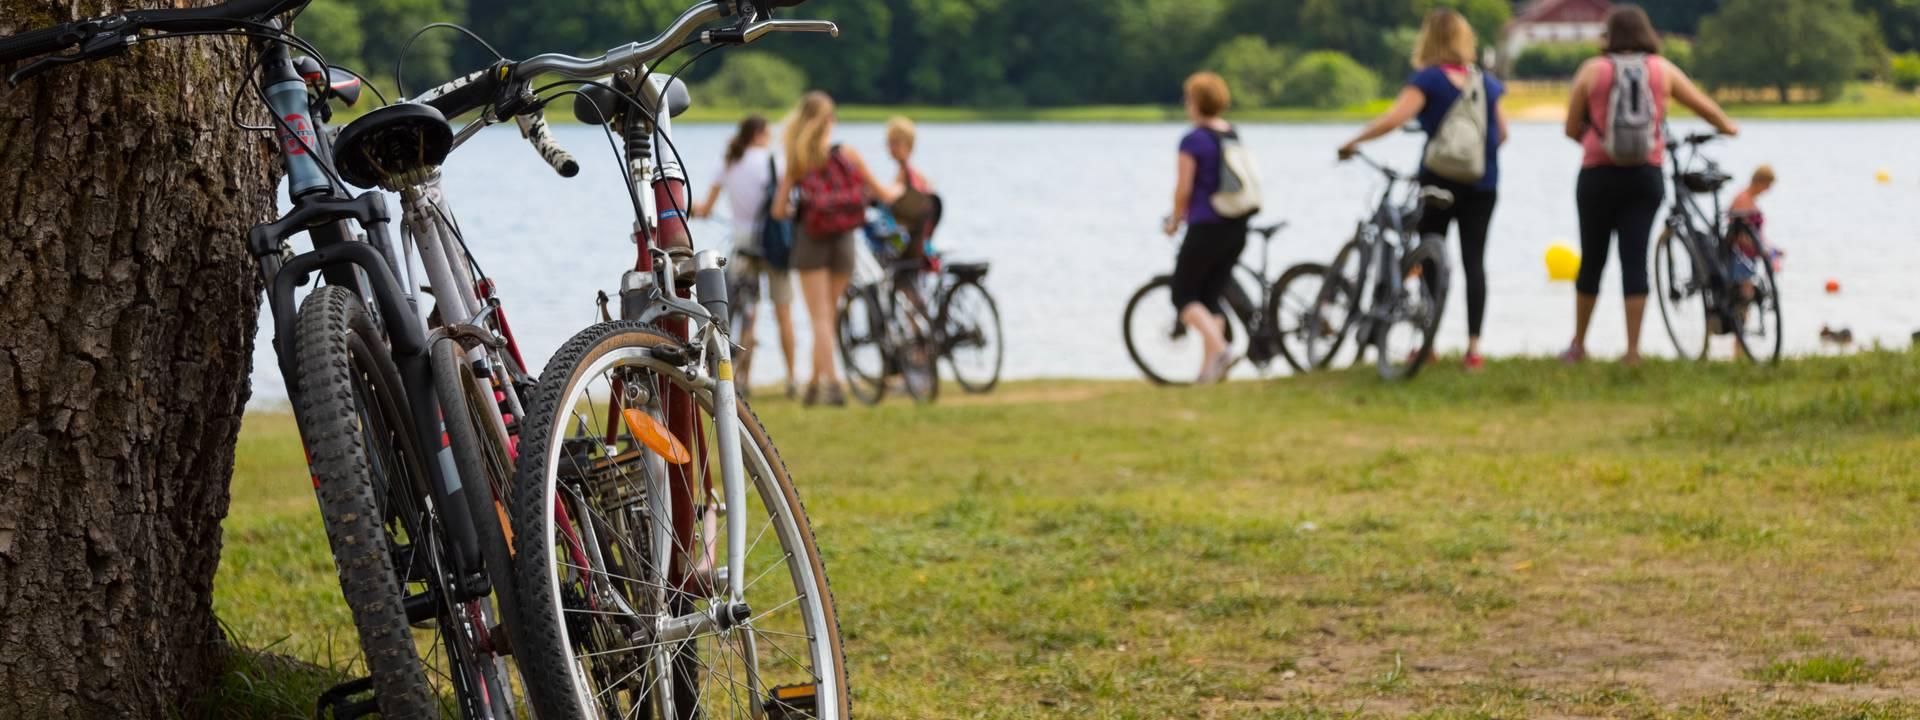 Vélo - Voie bleue - Piste cyclable - séjour vélo